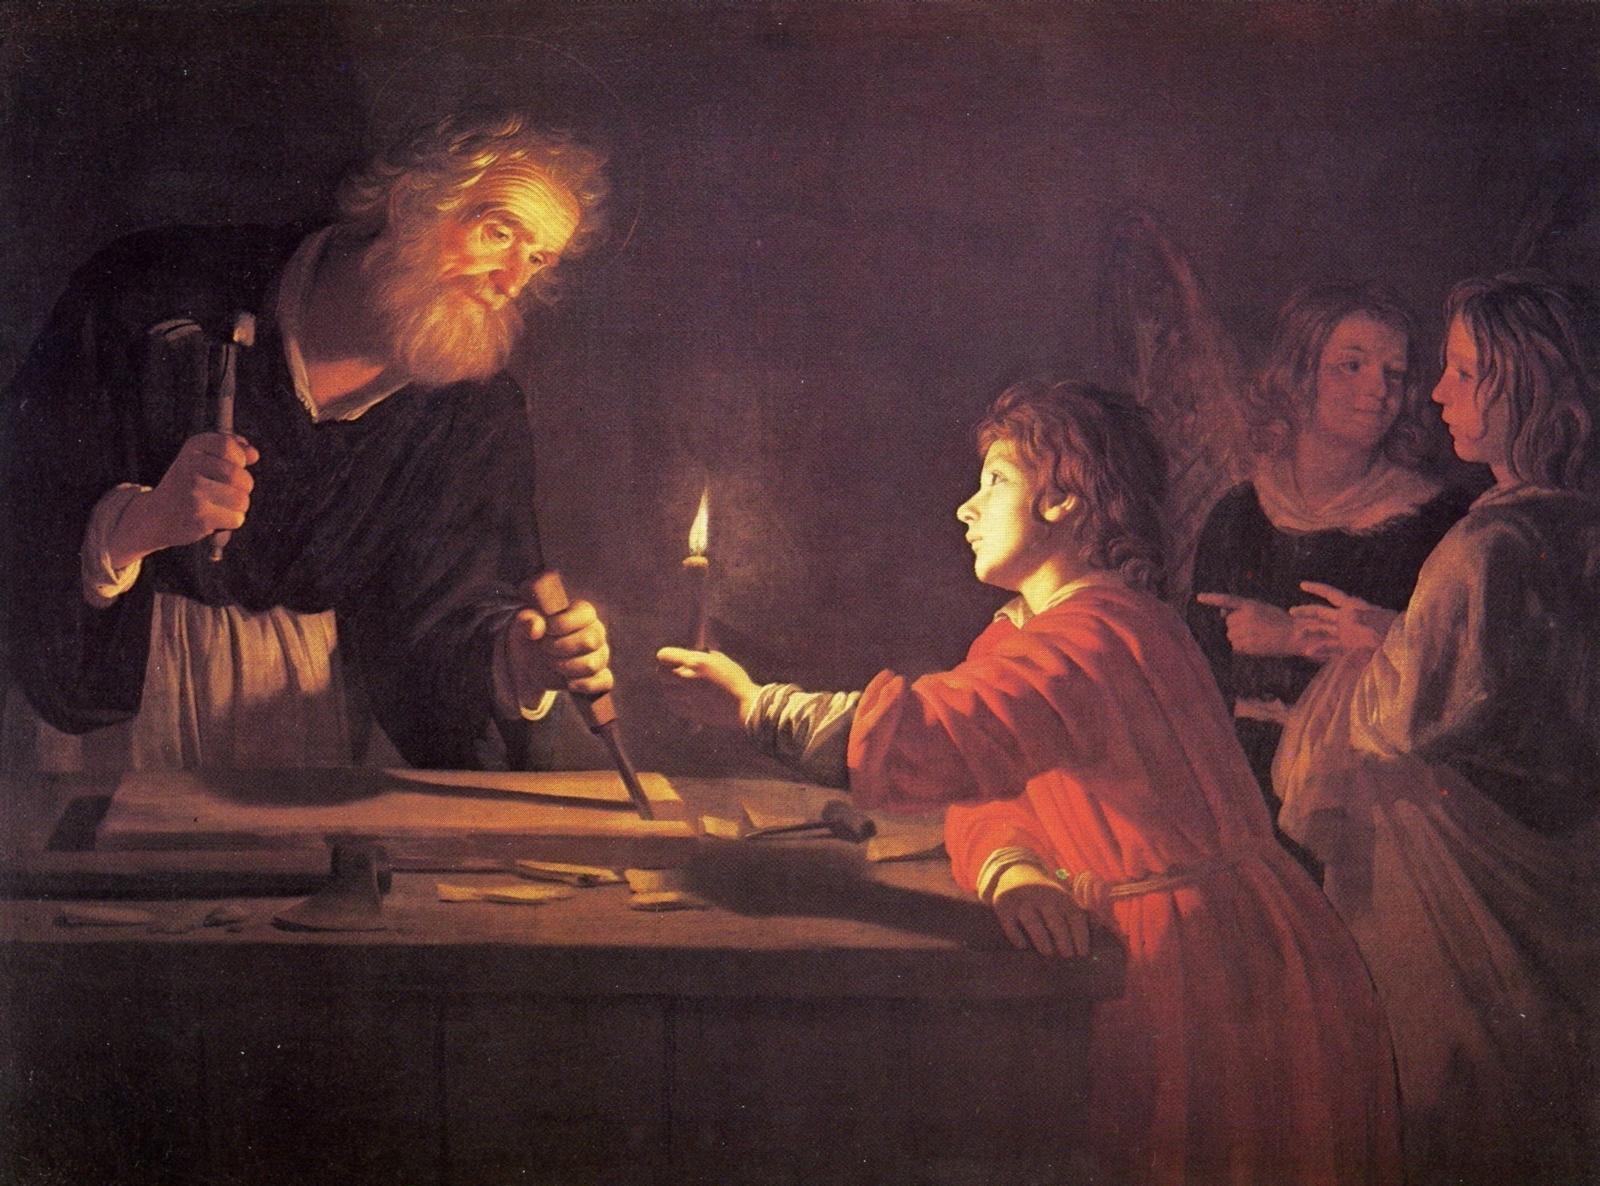 La Sagrada Familia, Centro del Plan de Dios para la Raza Humana (últ. dom. del año)